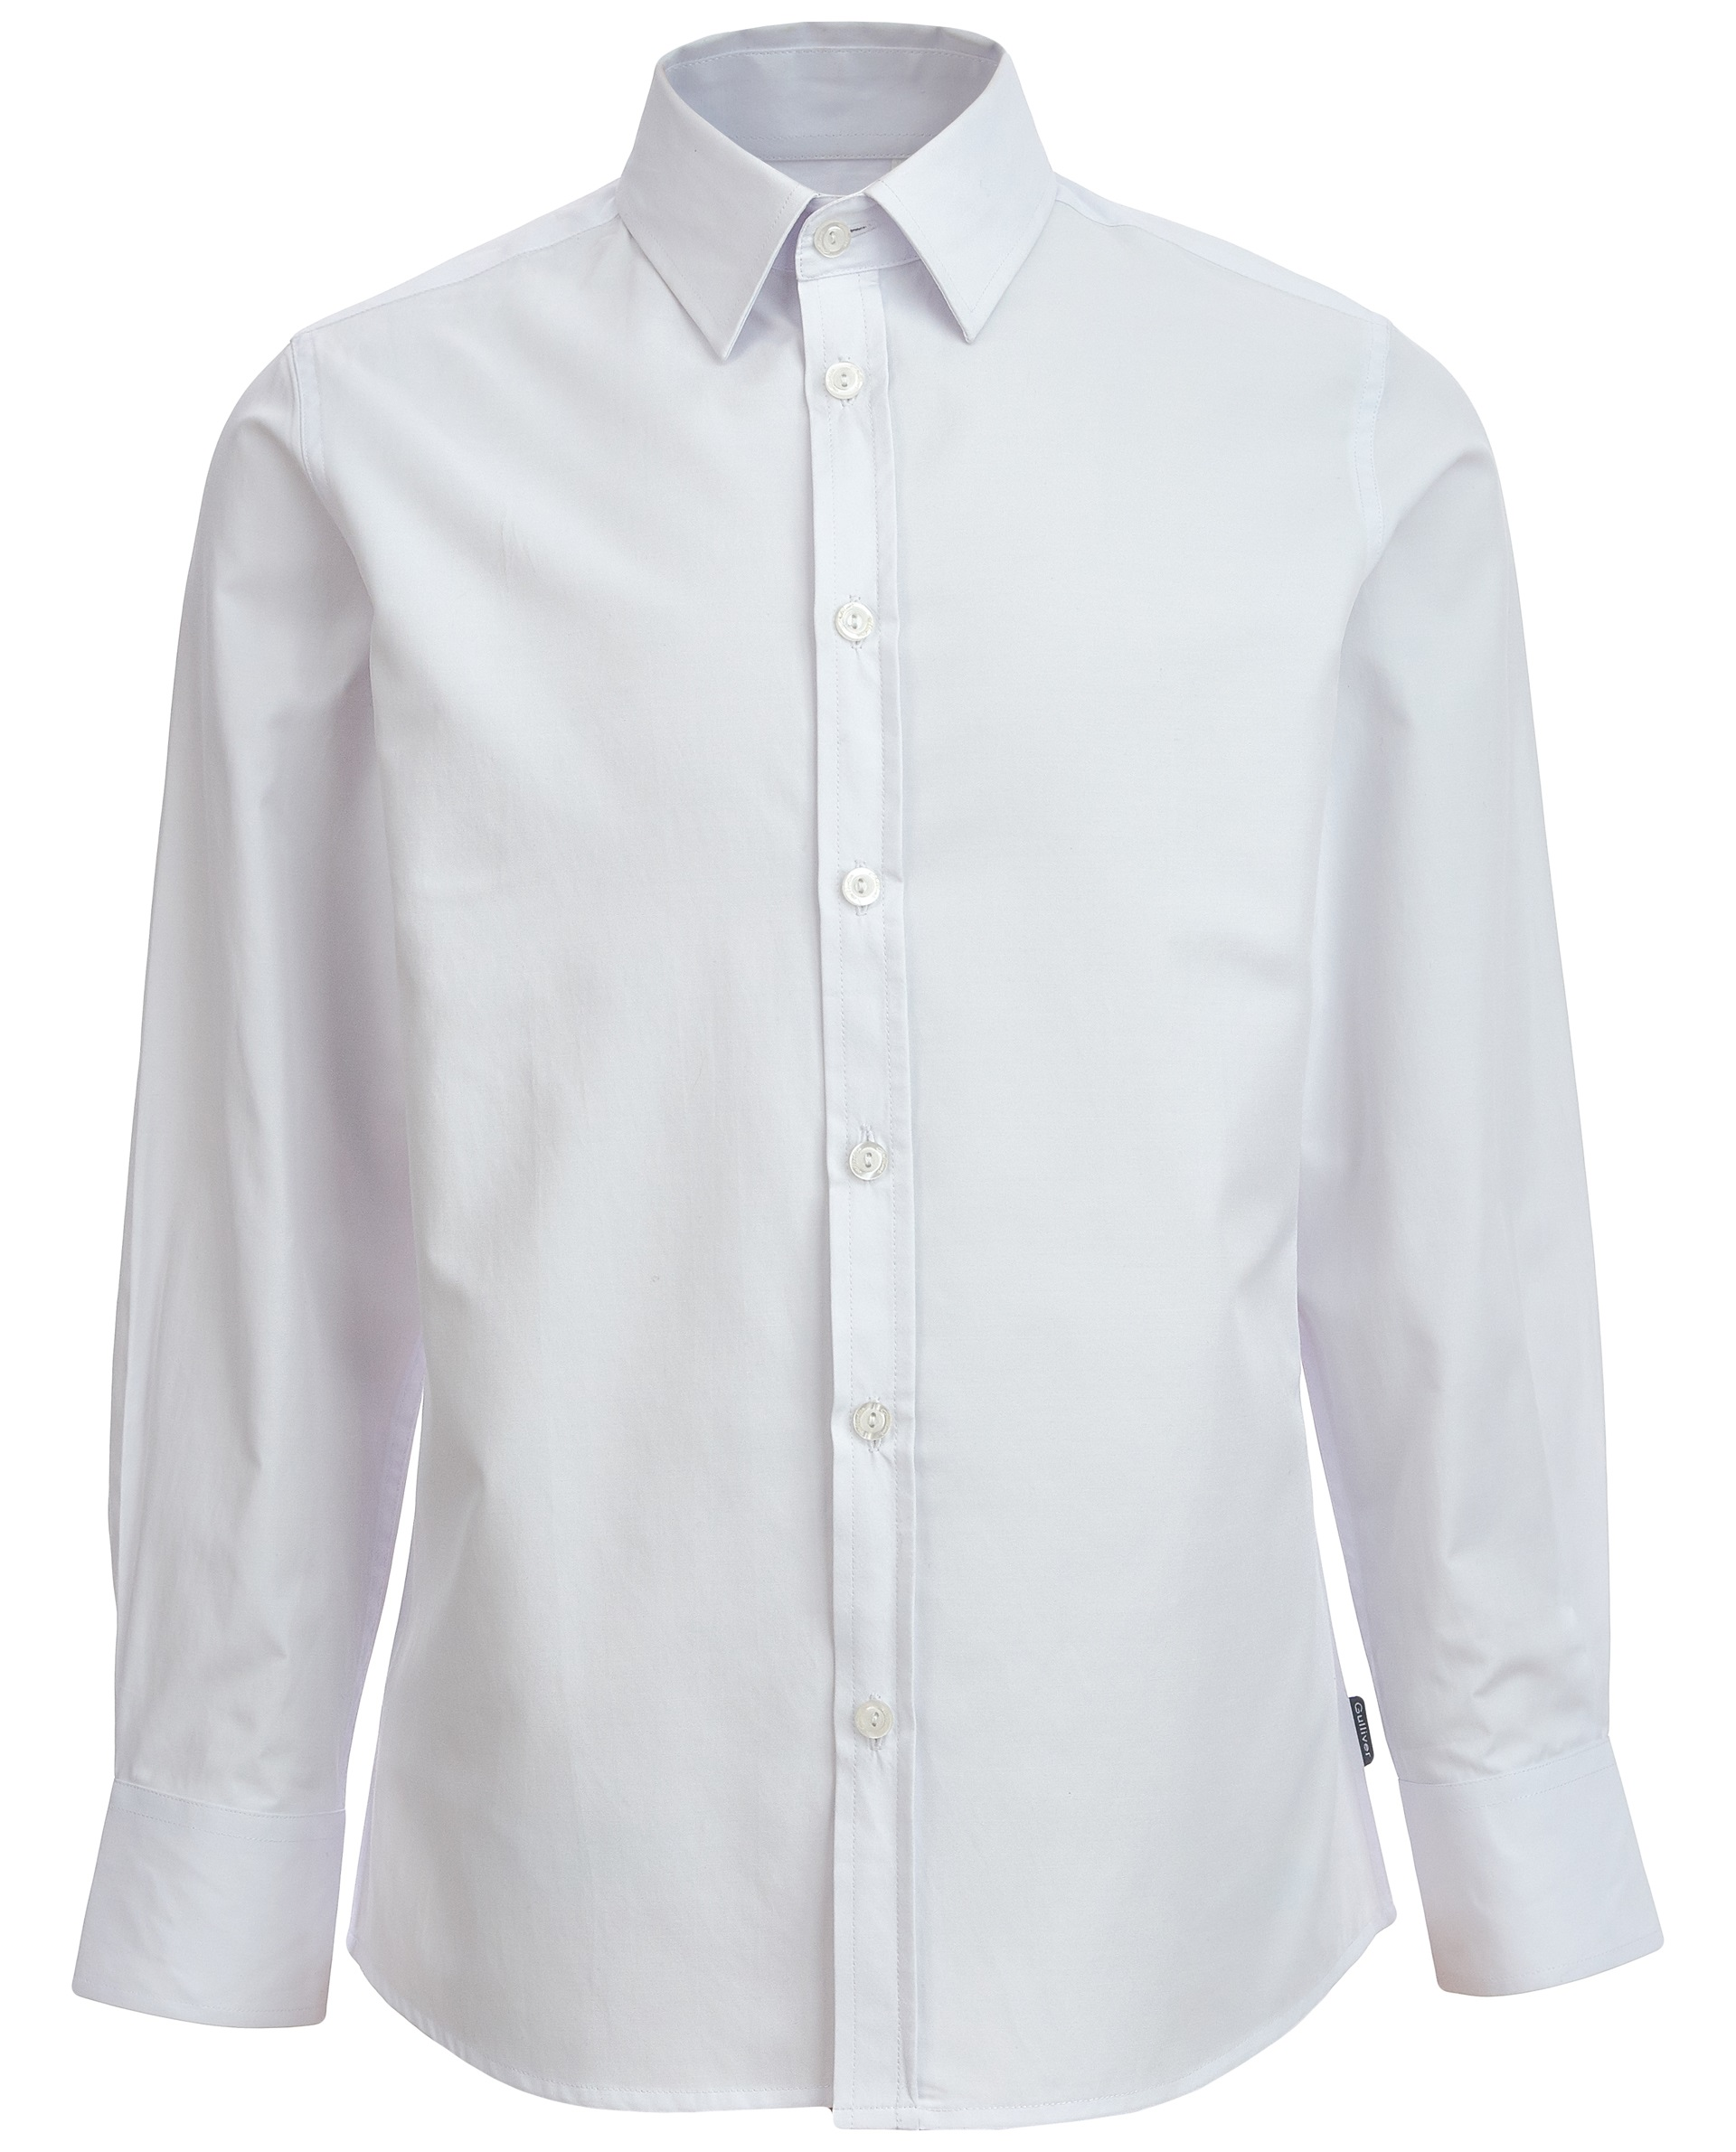 К чему снится белая рубашка? Различные толкования такого сна